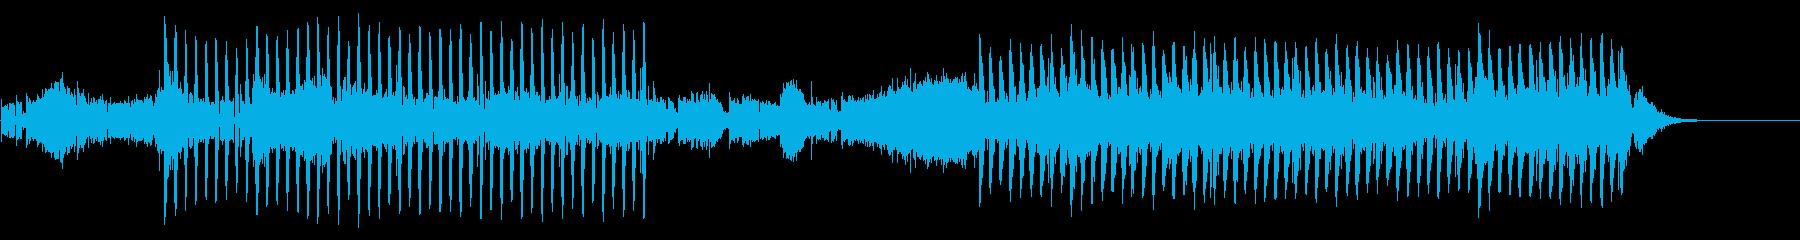 シンセが印象的なパワフルなEDMの再生済みの波形